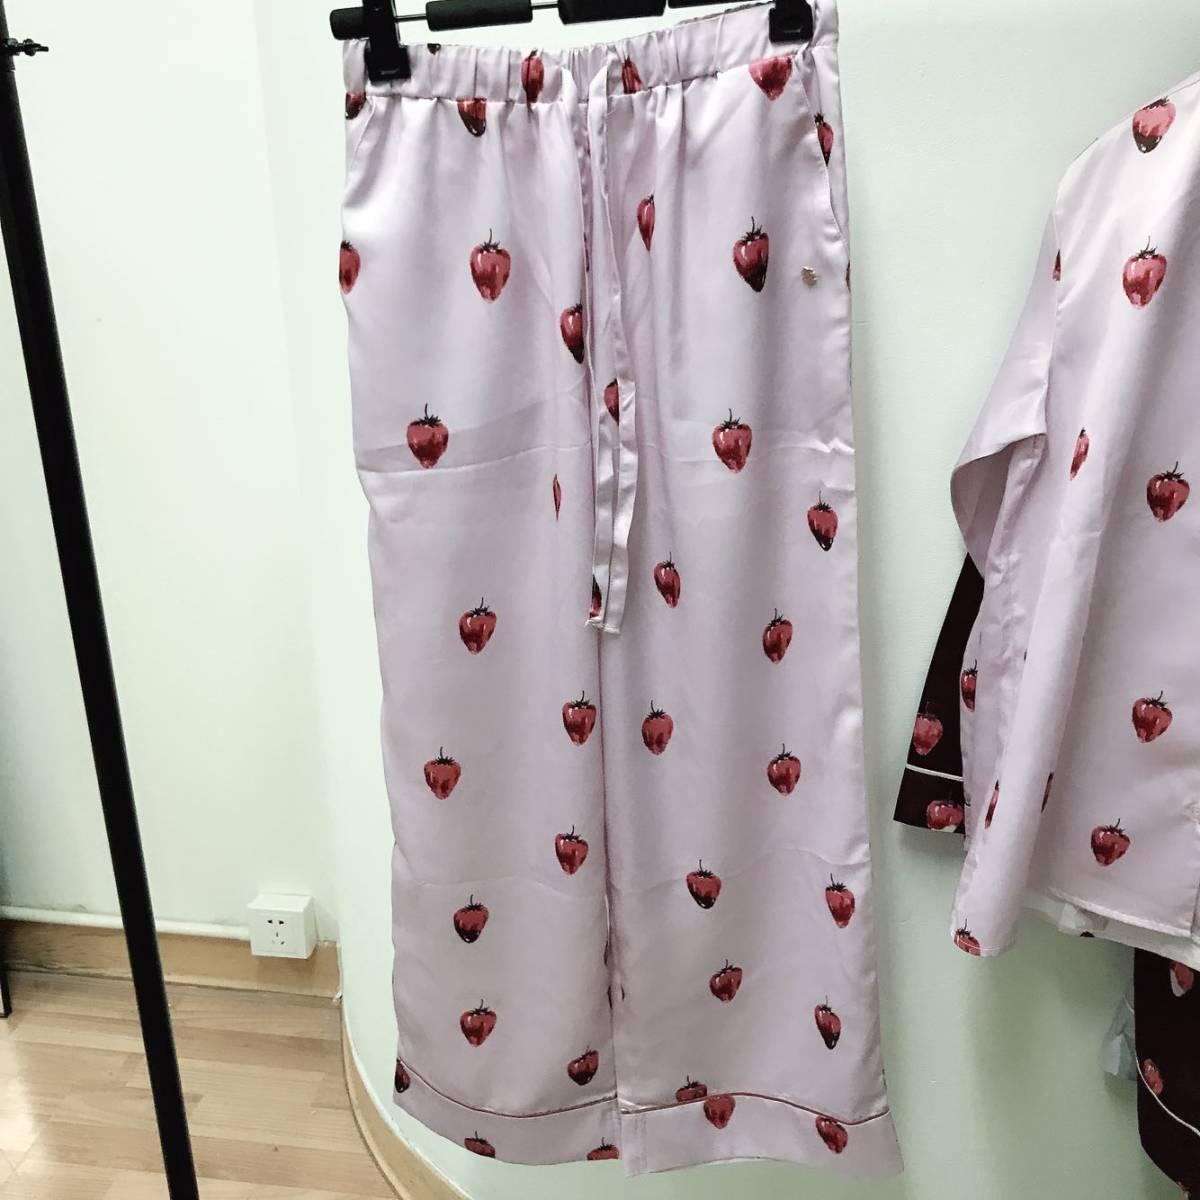 新品★ジェラートピケ ストロベリーチョコサテン●パジャマ上下セット■ピンク●ルームウエア●_画像3